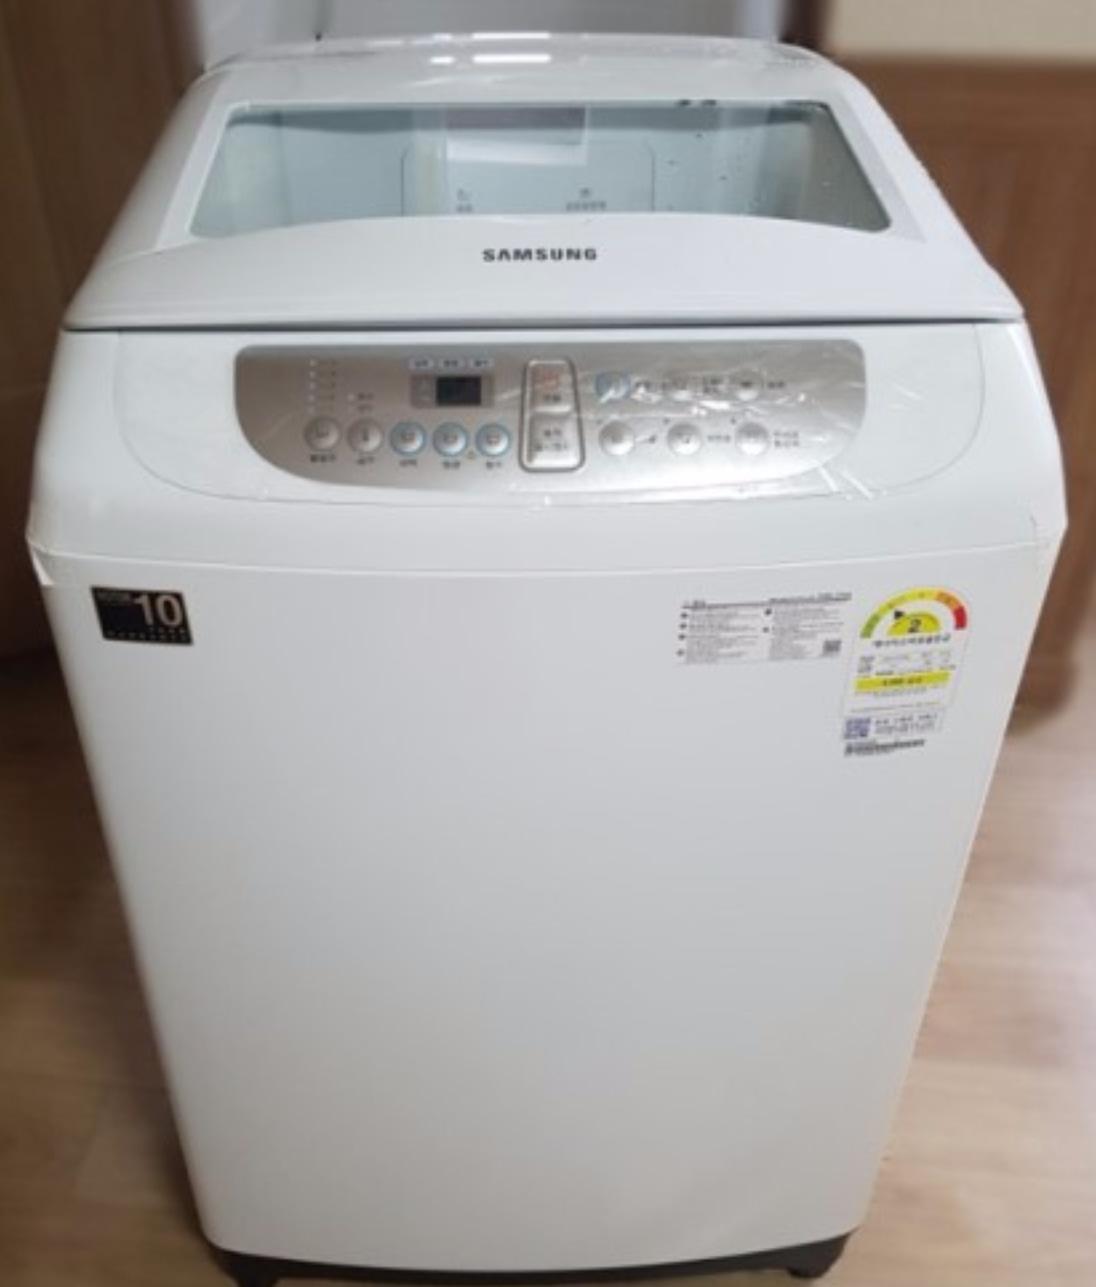 삼성 워블 세탁기 10kg